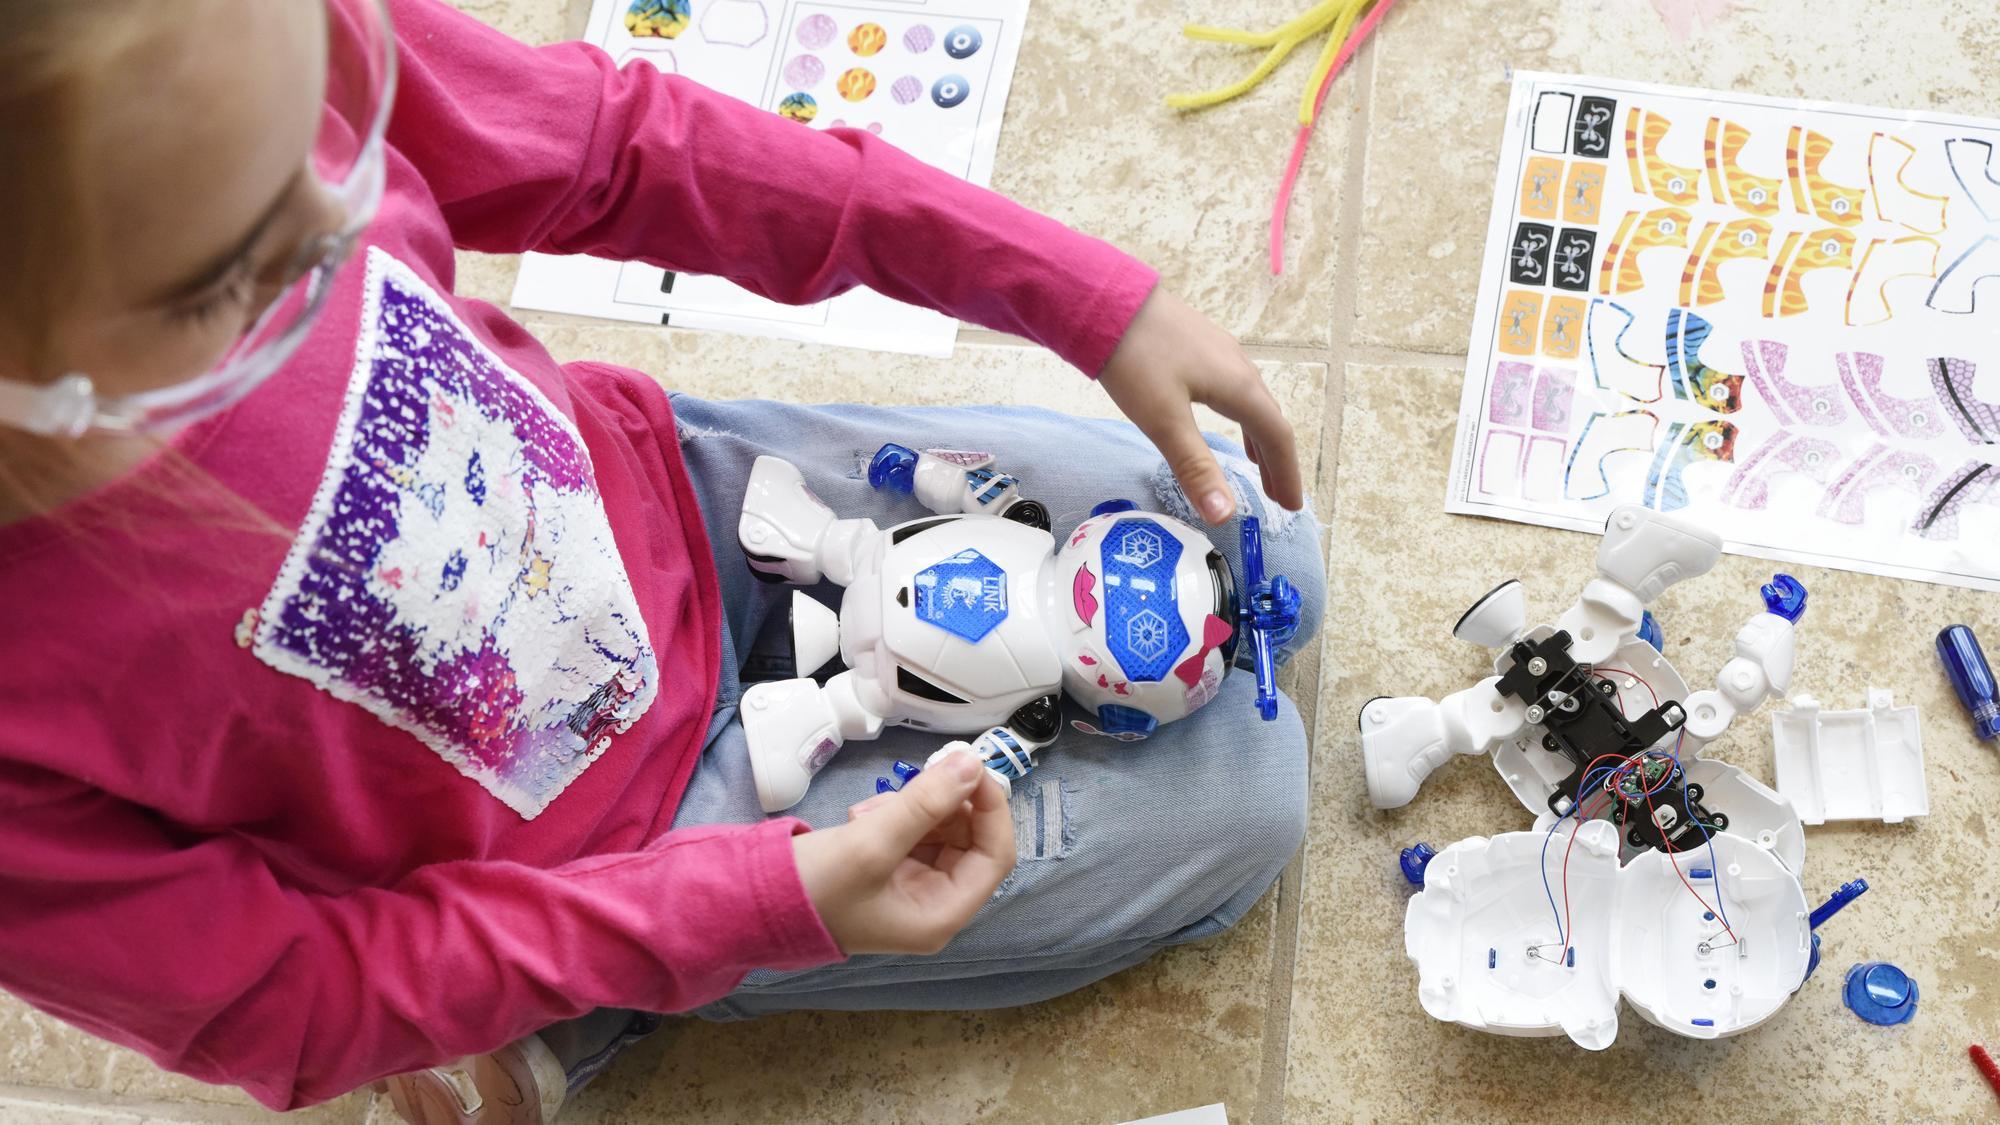 NIHF participant builds a robot